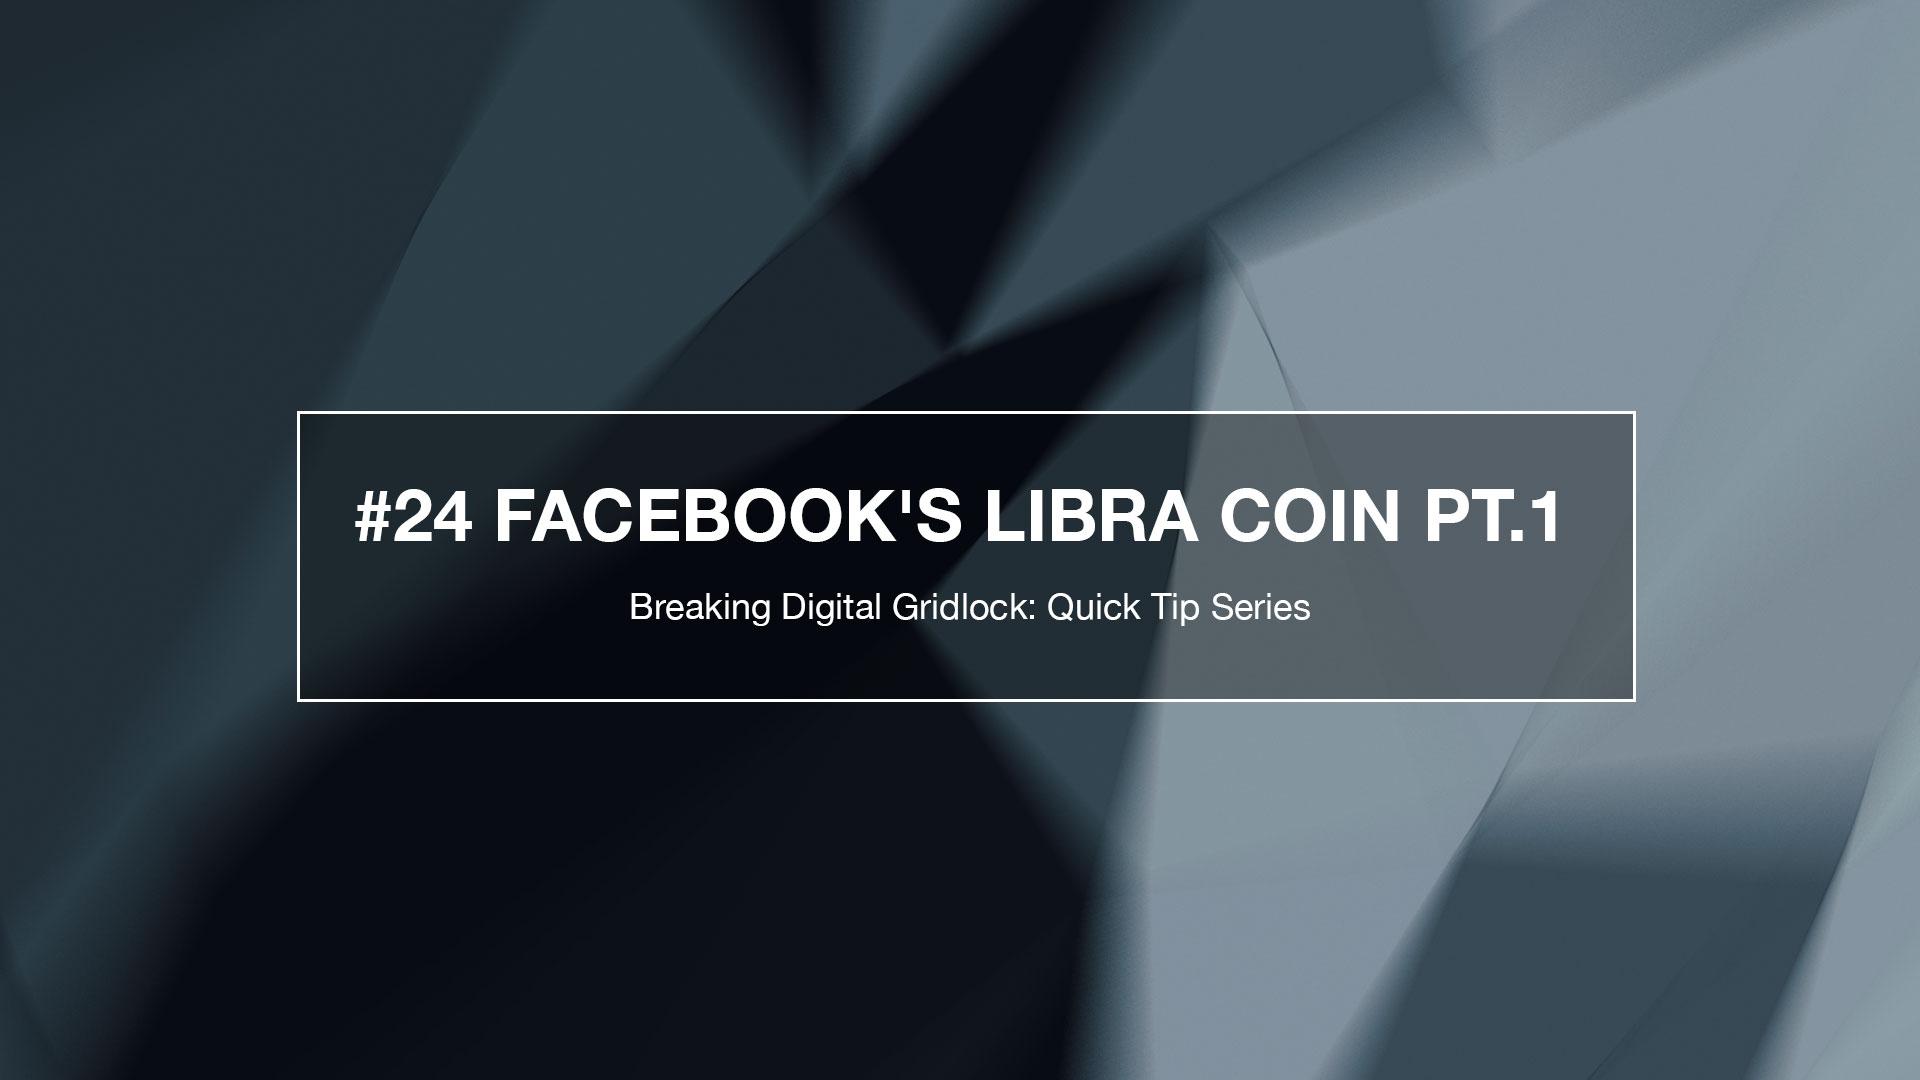 Breaking Weekly Digital Gridlock #24: Facebook Libra Cryptocurrency Part 1